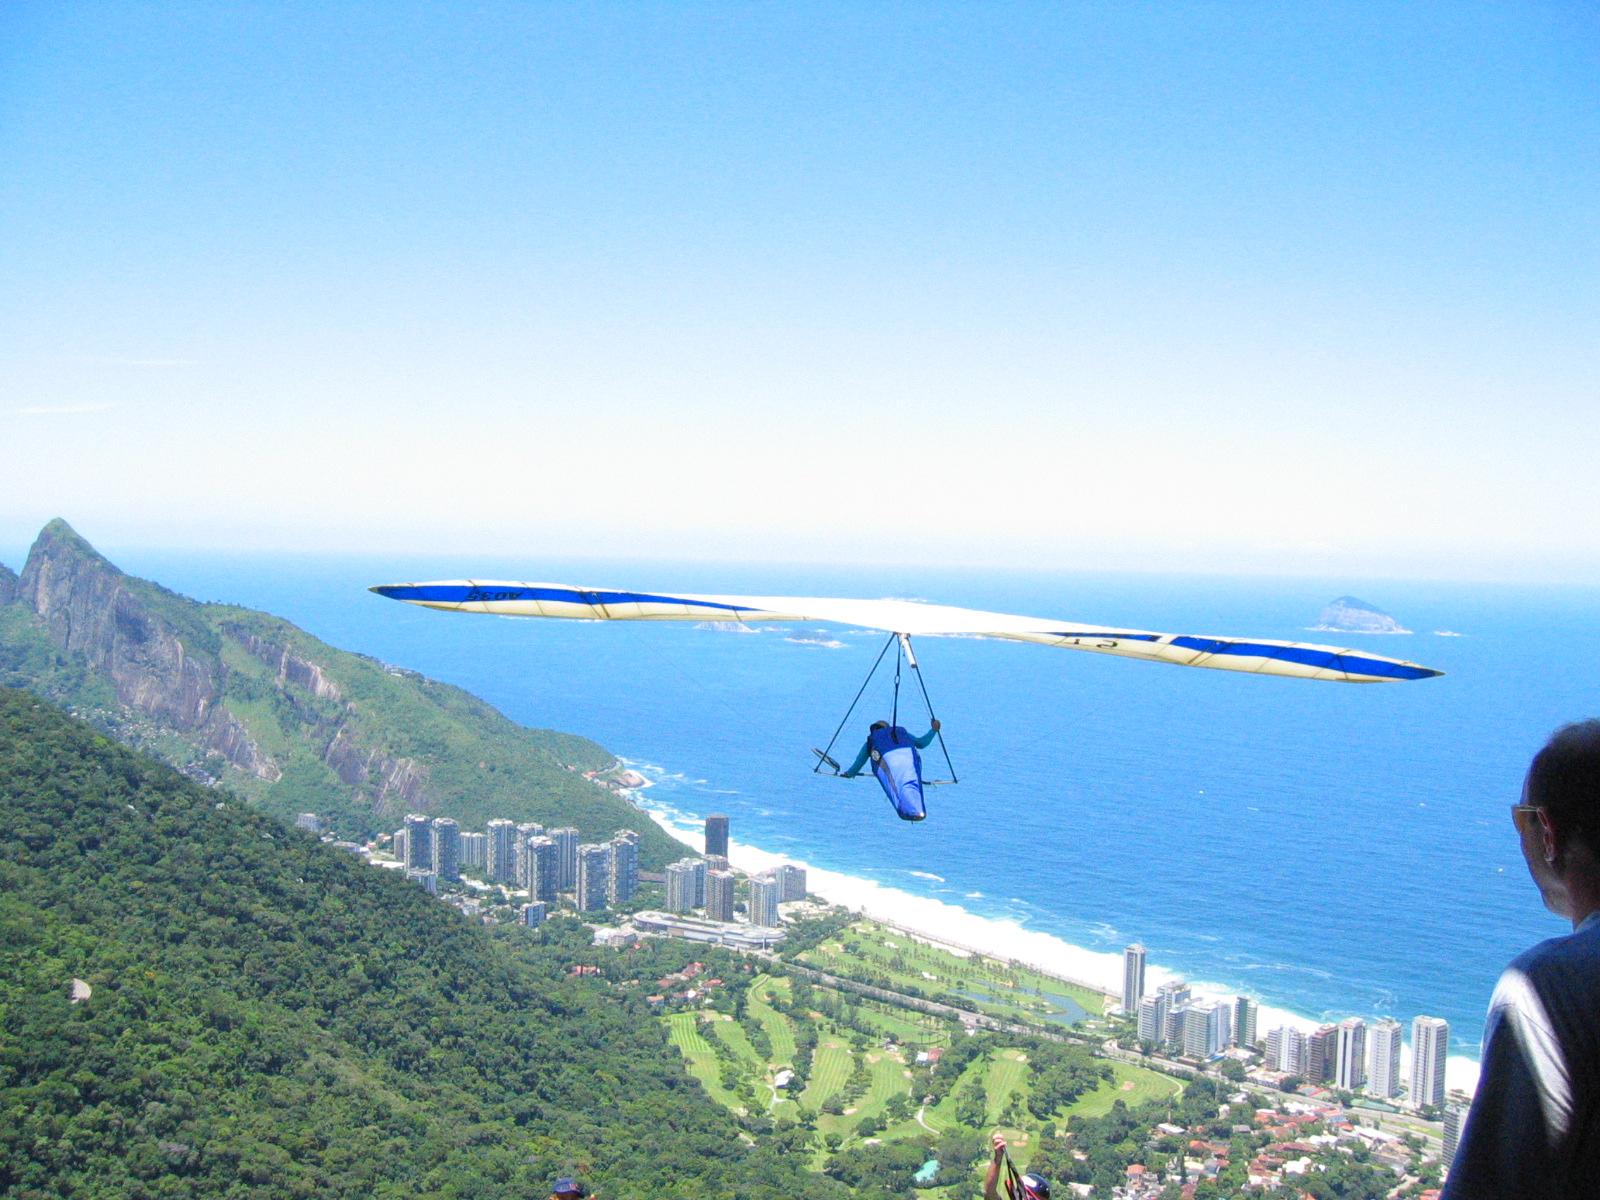 http://upload.wikimedia.org/wikipedia/commons/8/85/Hang_gliding_Brasil.jpg